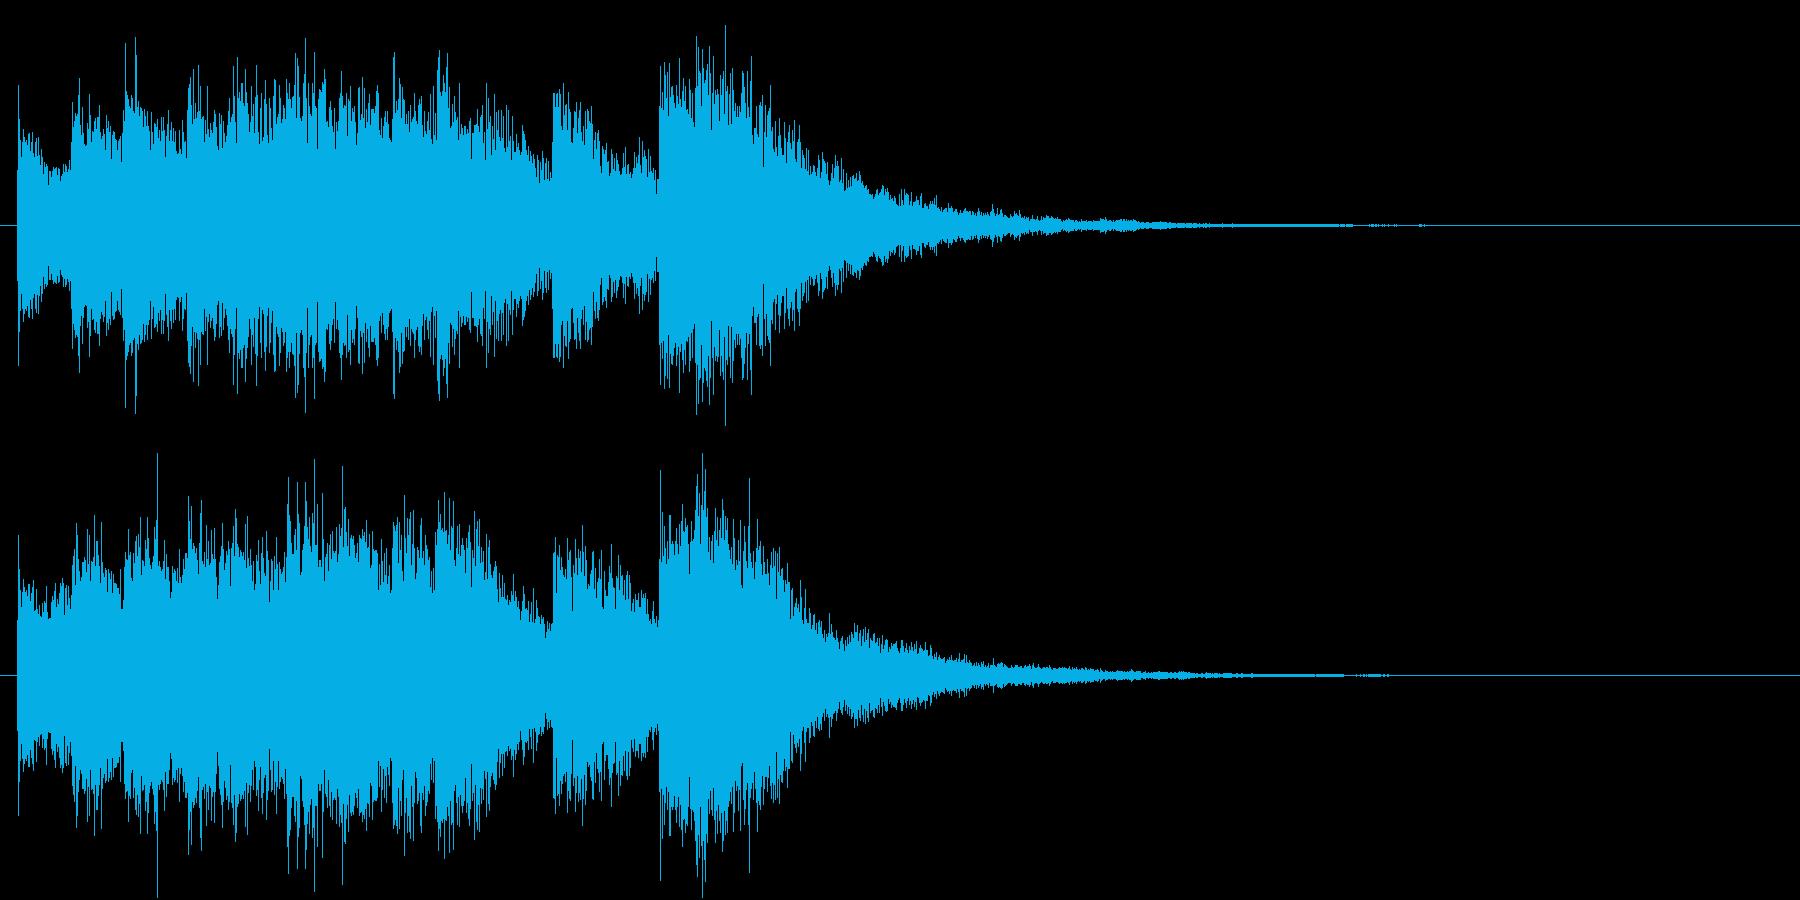 電車の発車・到着ジングル-02(5秒)の再生済みの波形